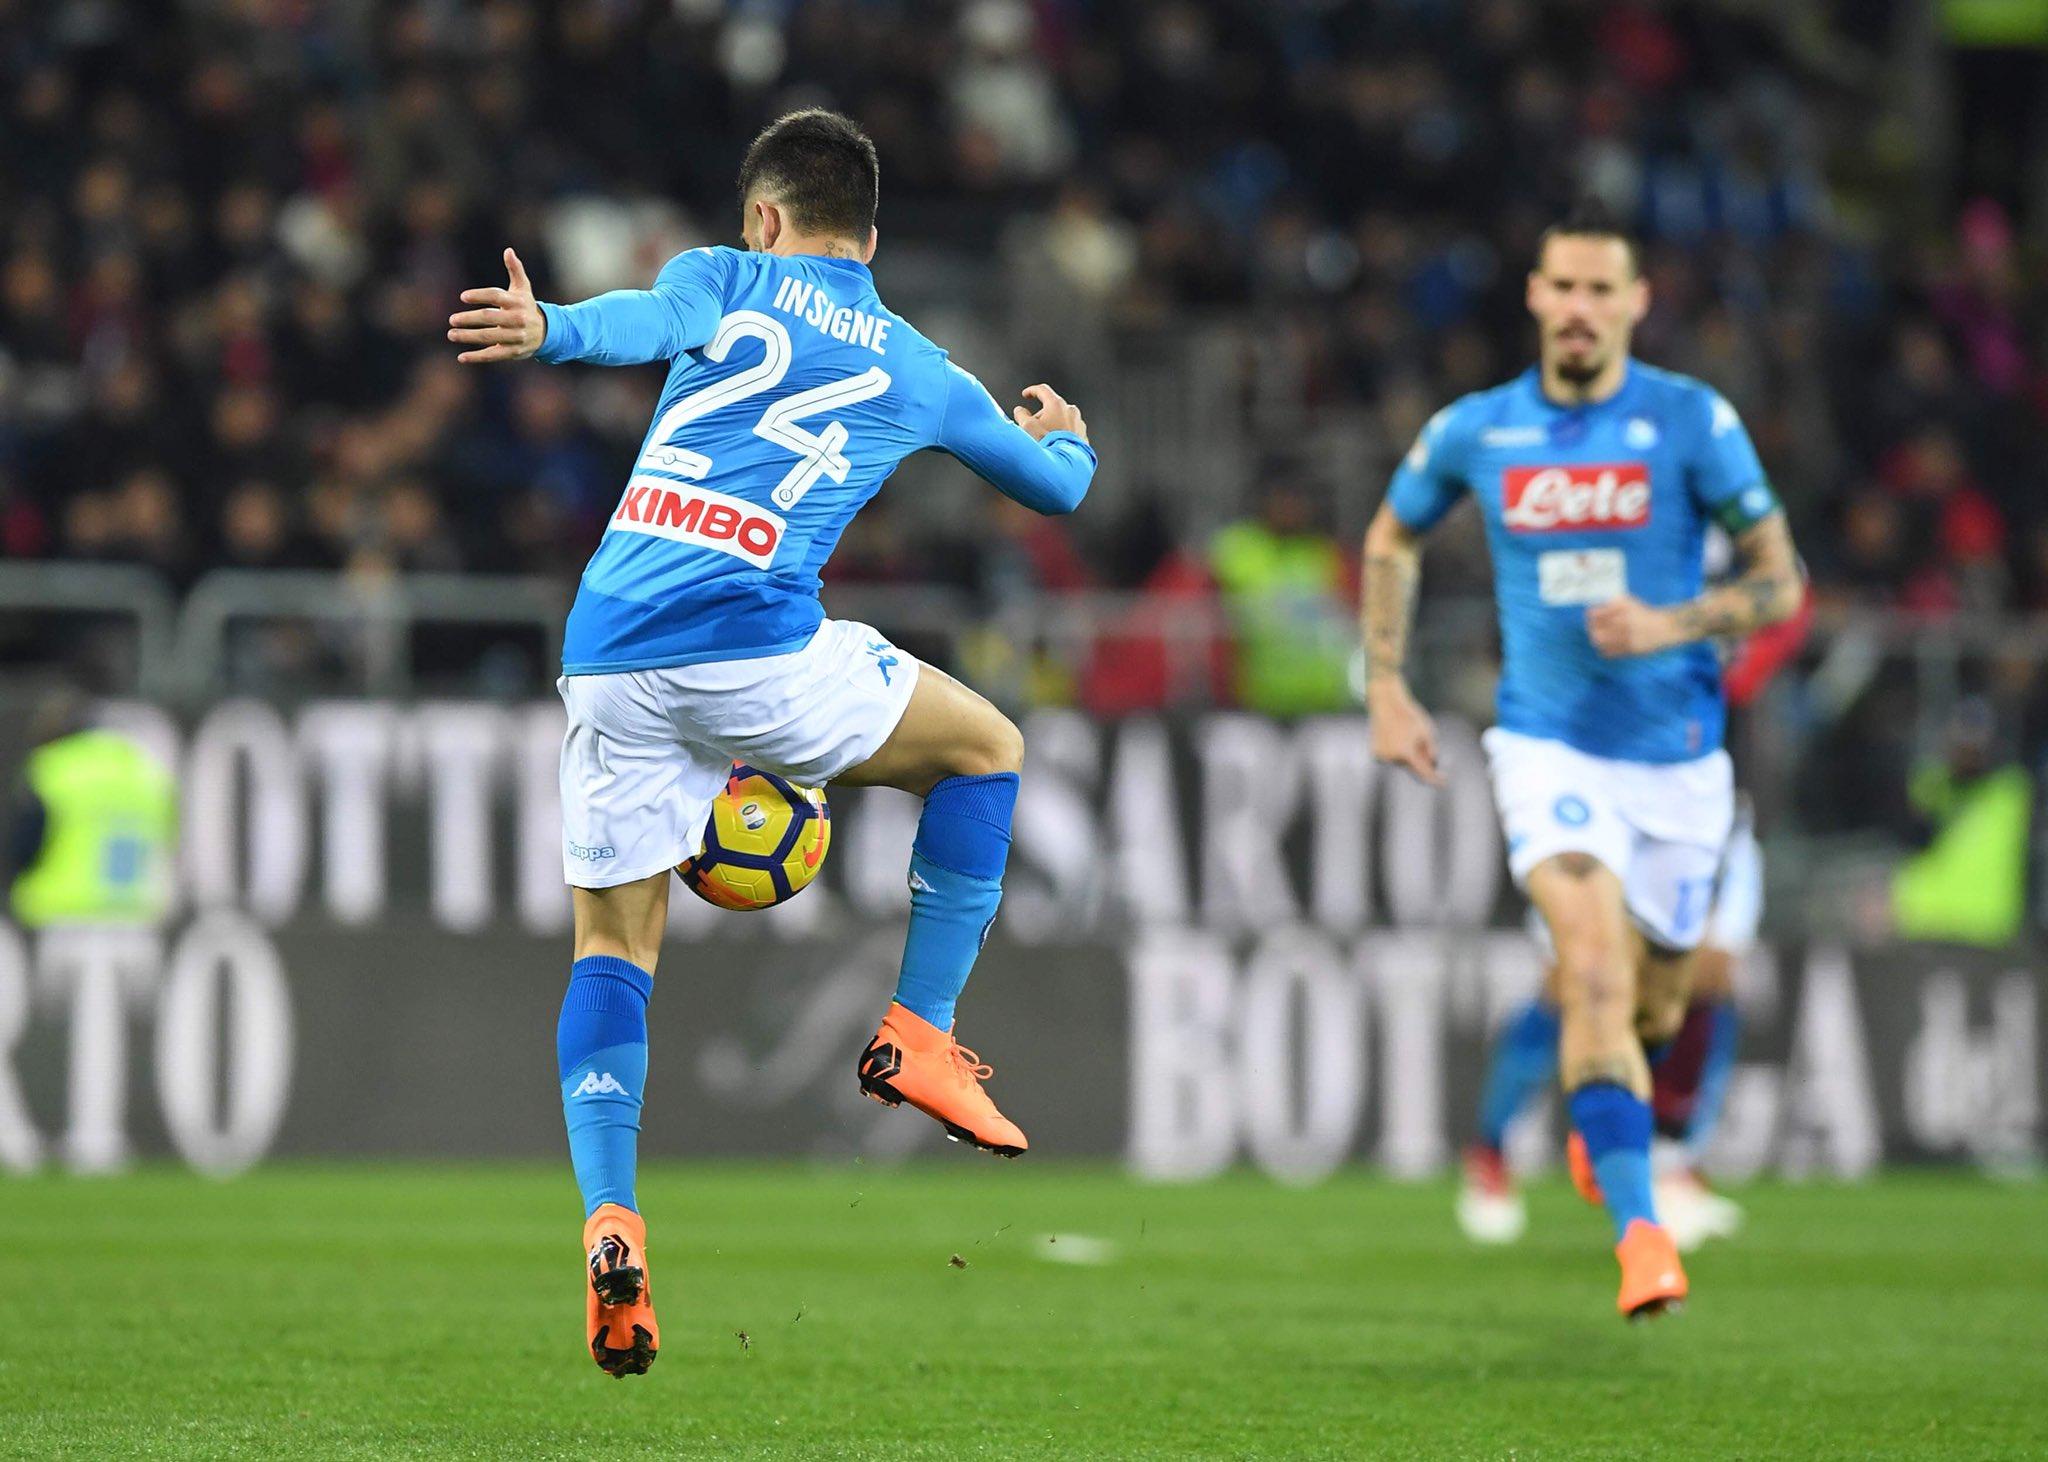 Napoli, 10 vittorie di fila in campionato; 13 gol nelle ultime tre trasferte a Cagliari